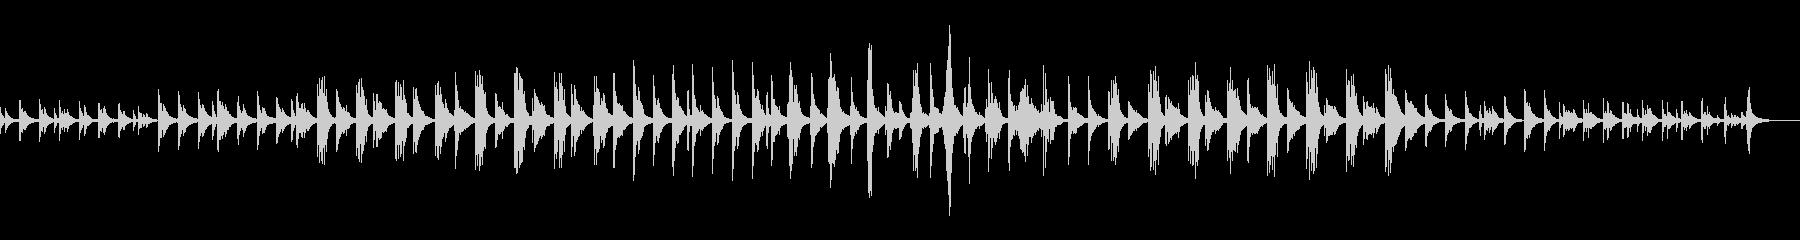 ピアノのアンビエント 雪 夜 やさしさの未再生の波形